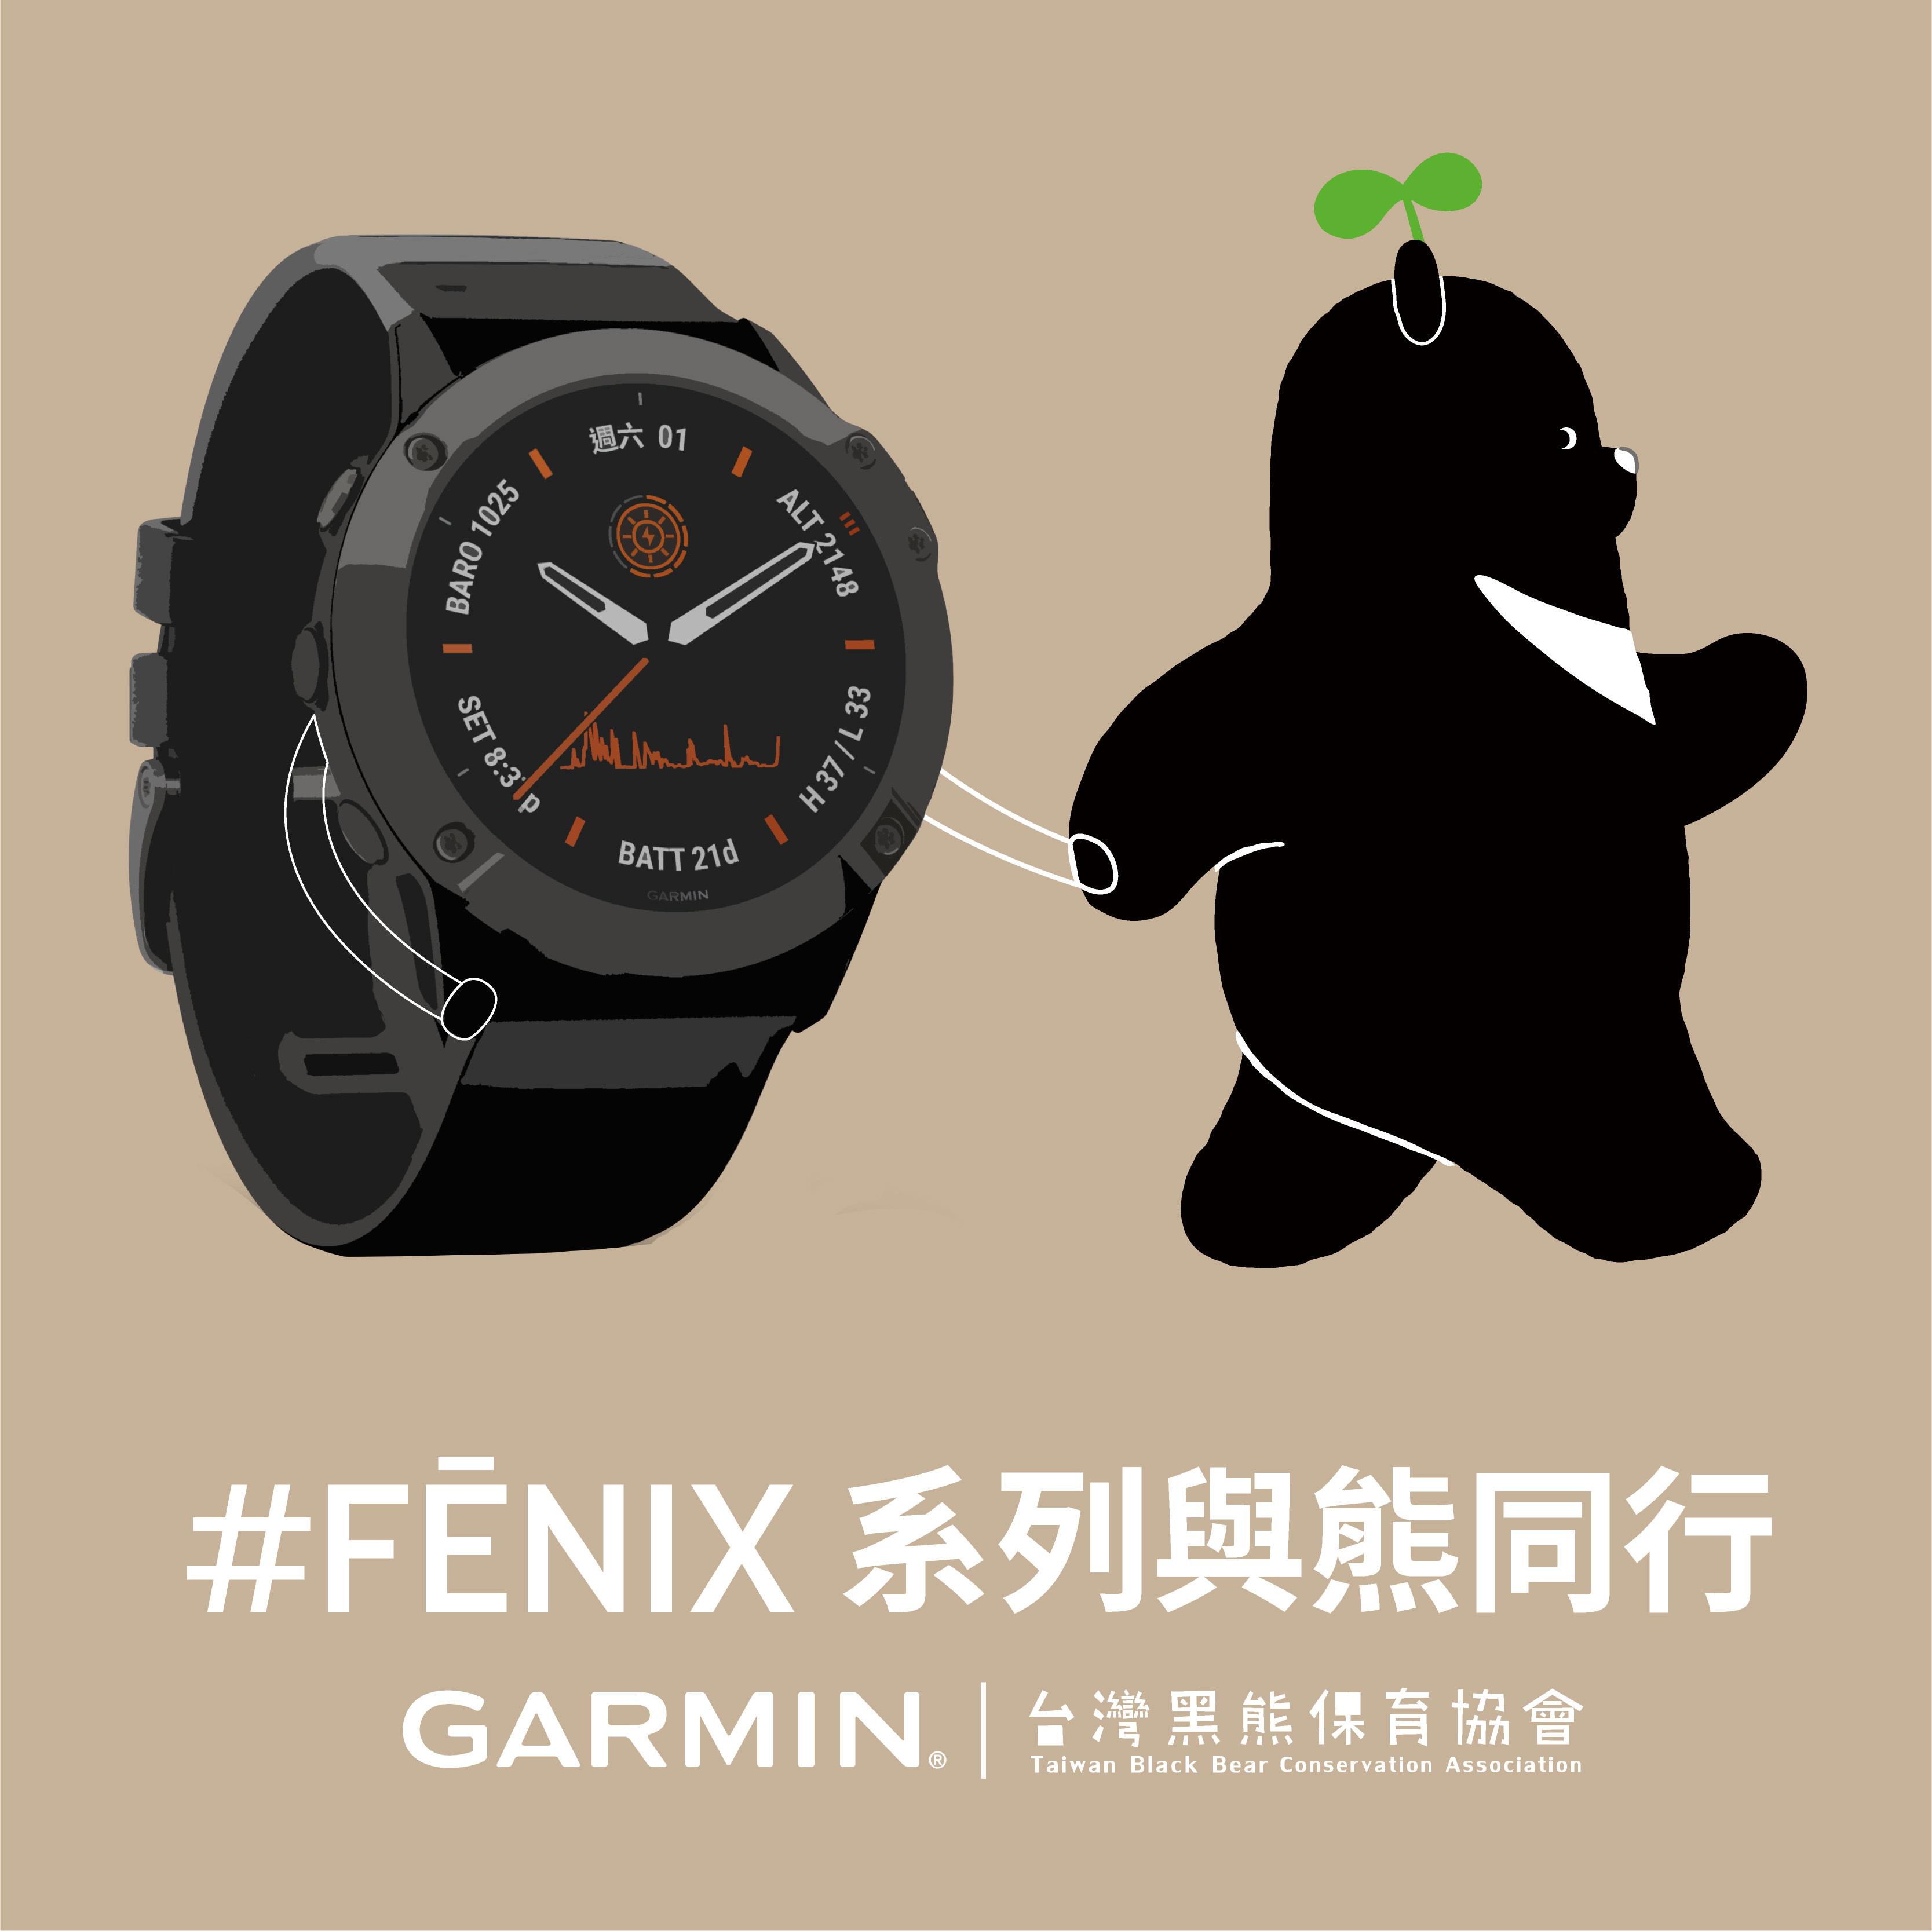 GARMIN「fenix系列與熊同行」公益義賣